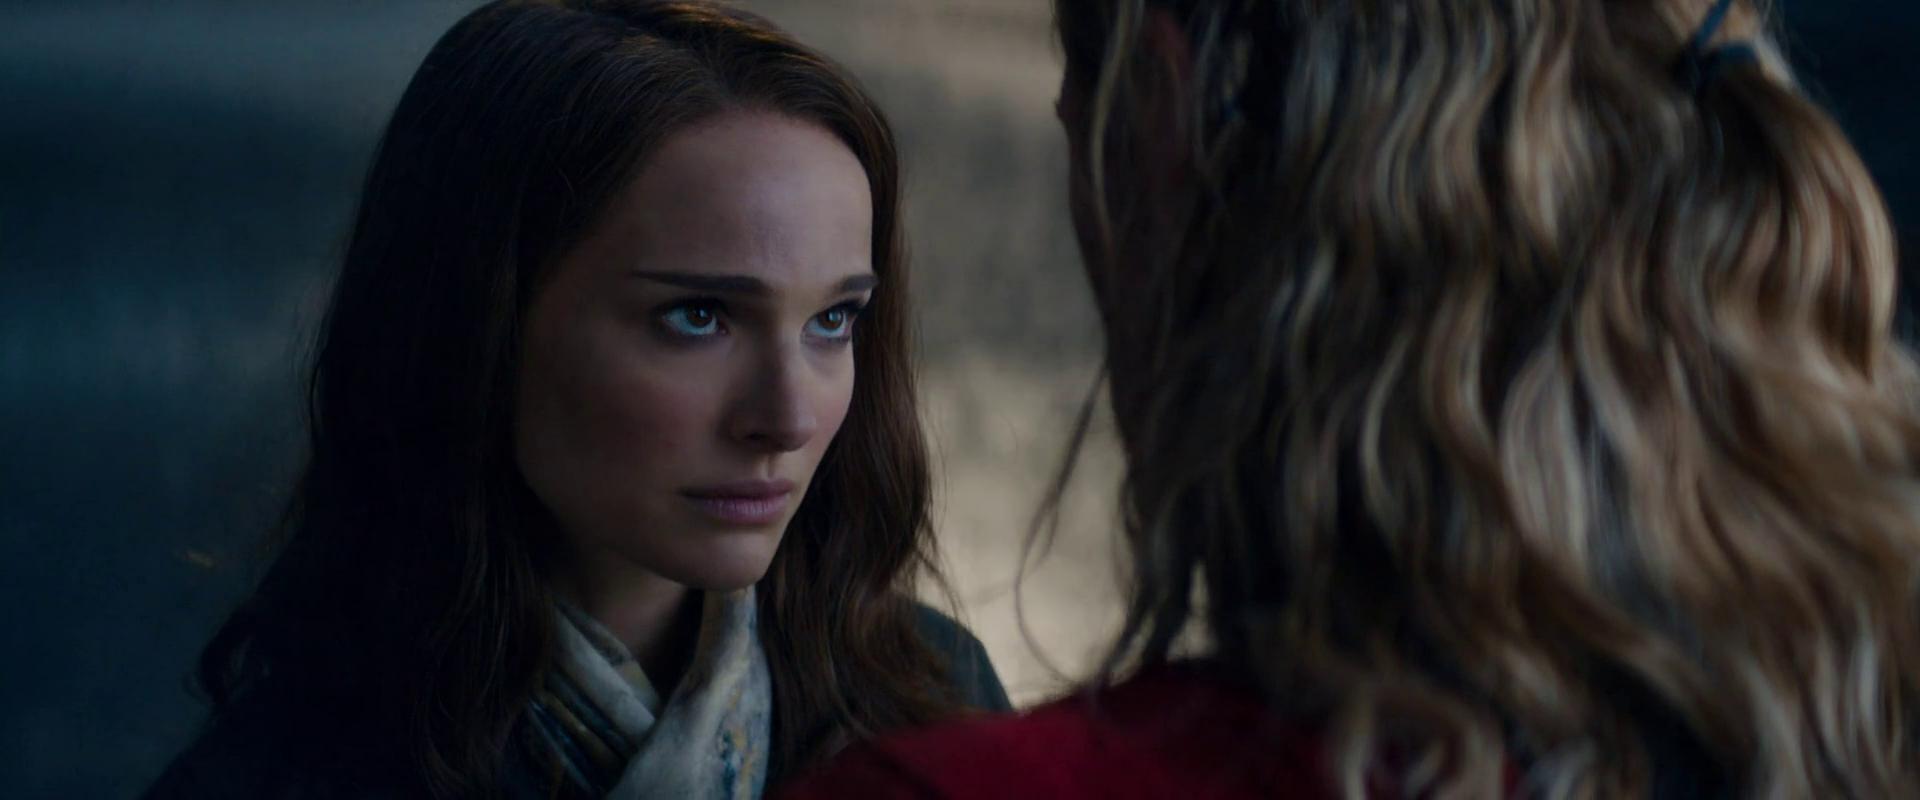 Jane Fostert a <em>Thor: Sötét világ</em> mindvégig tárgyiasítva, marginalizálva és infantilisként ábrázolja.